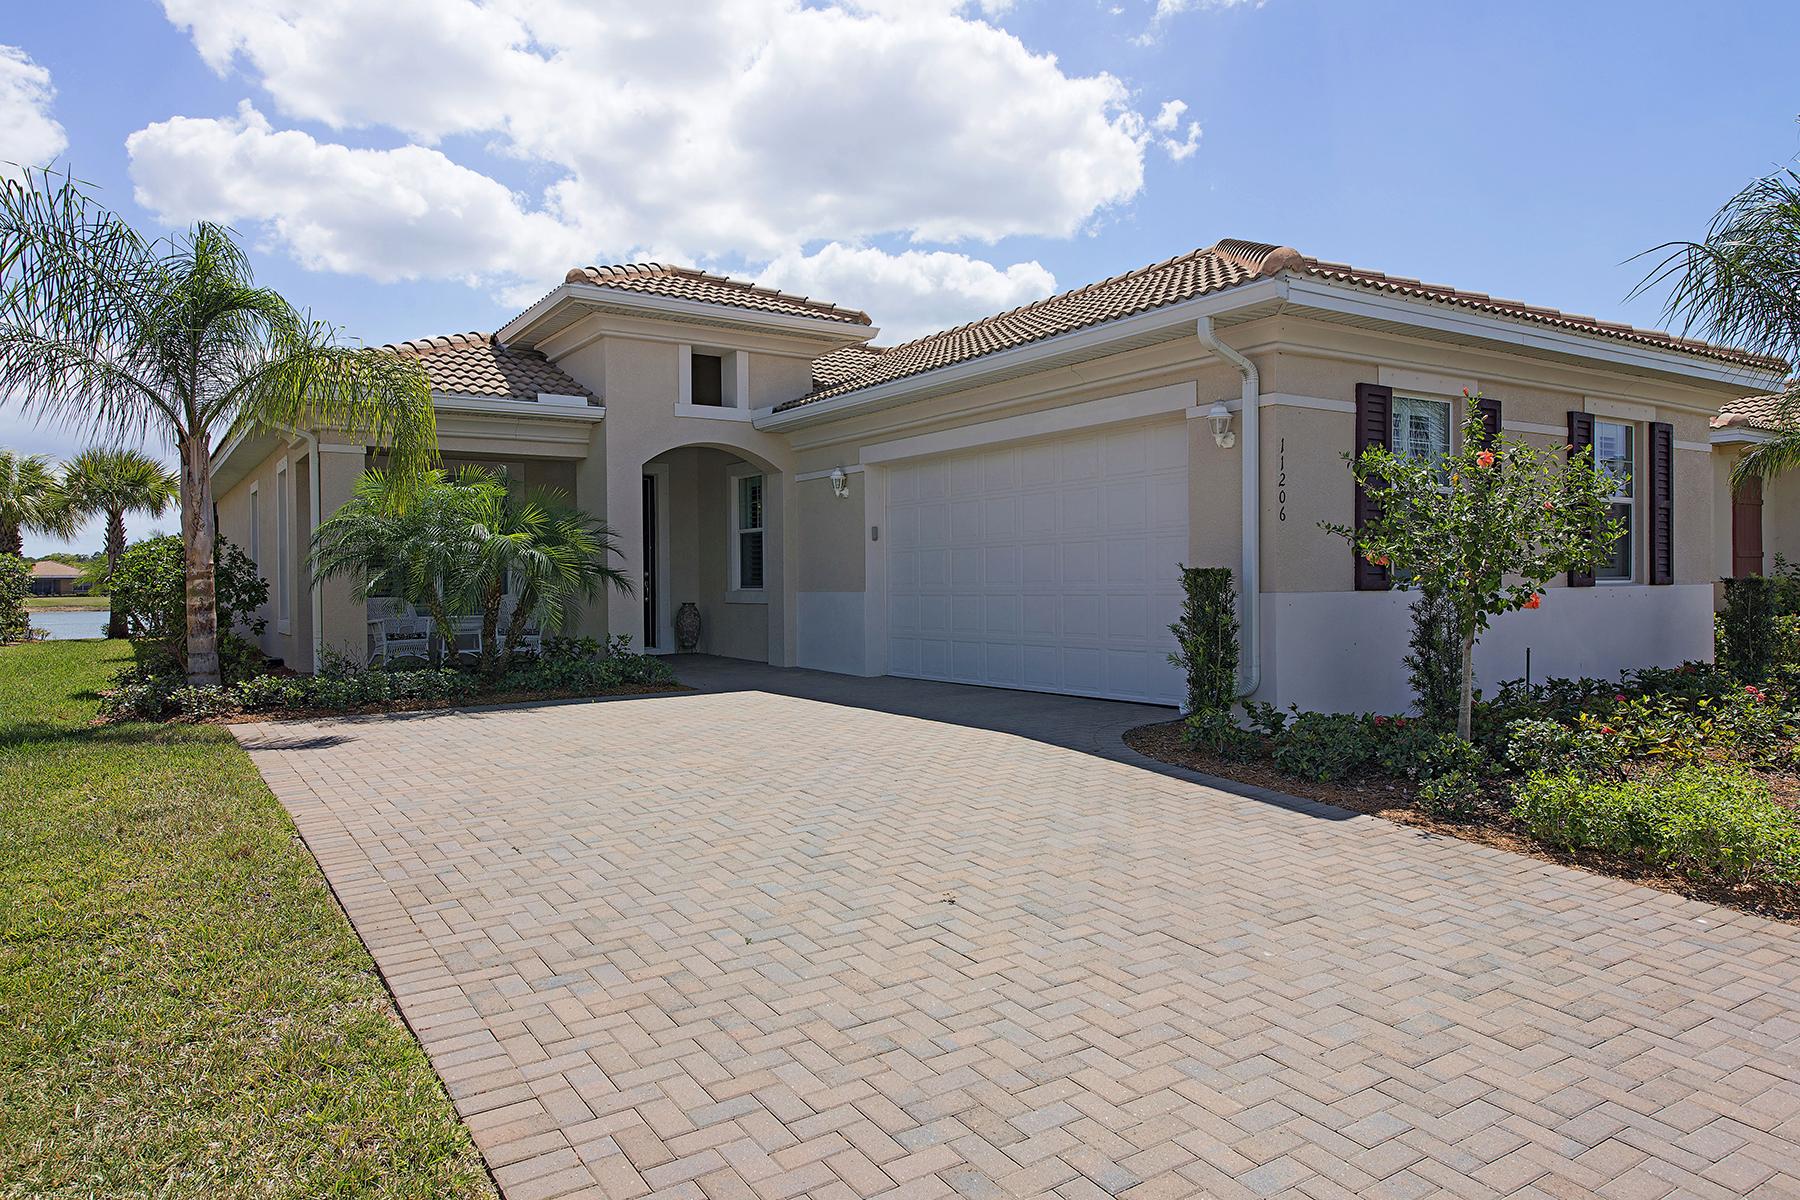 一戸建て のために 売買 アット PELICAN PRESERVE - CARENA 11206 Vitale Way Fort Myers, フロリダ, 33913 アメリカ合衆国